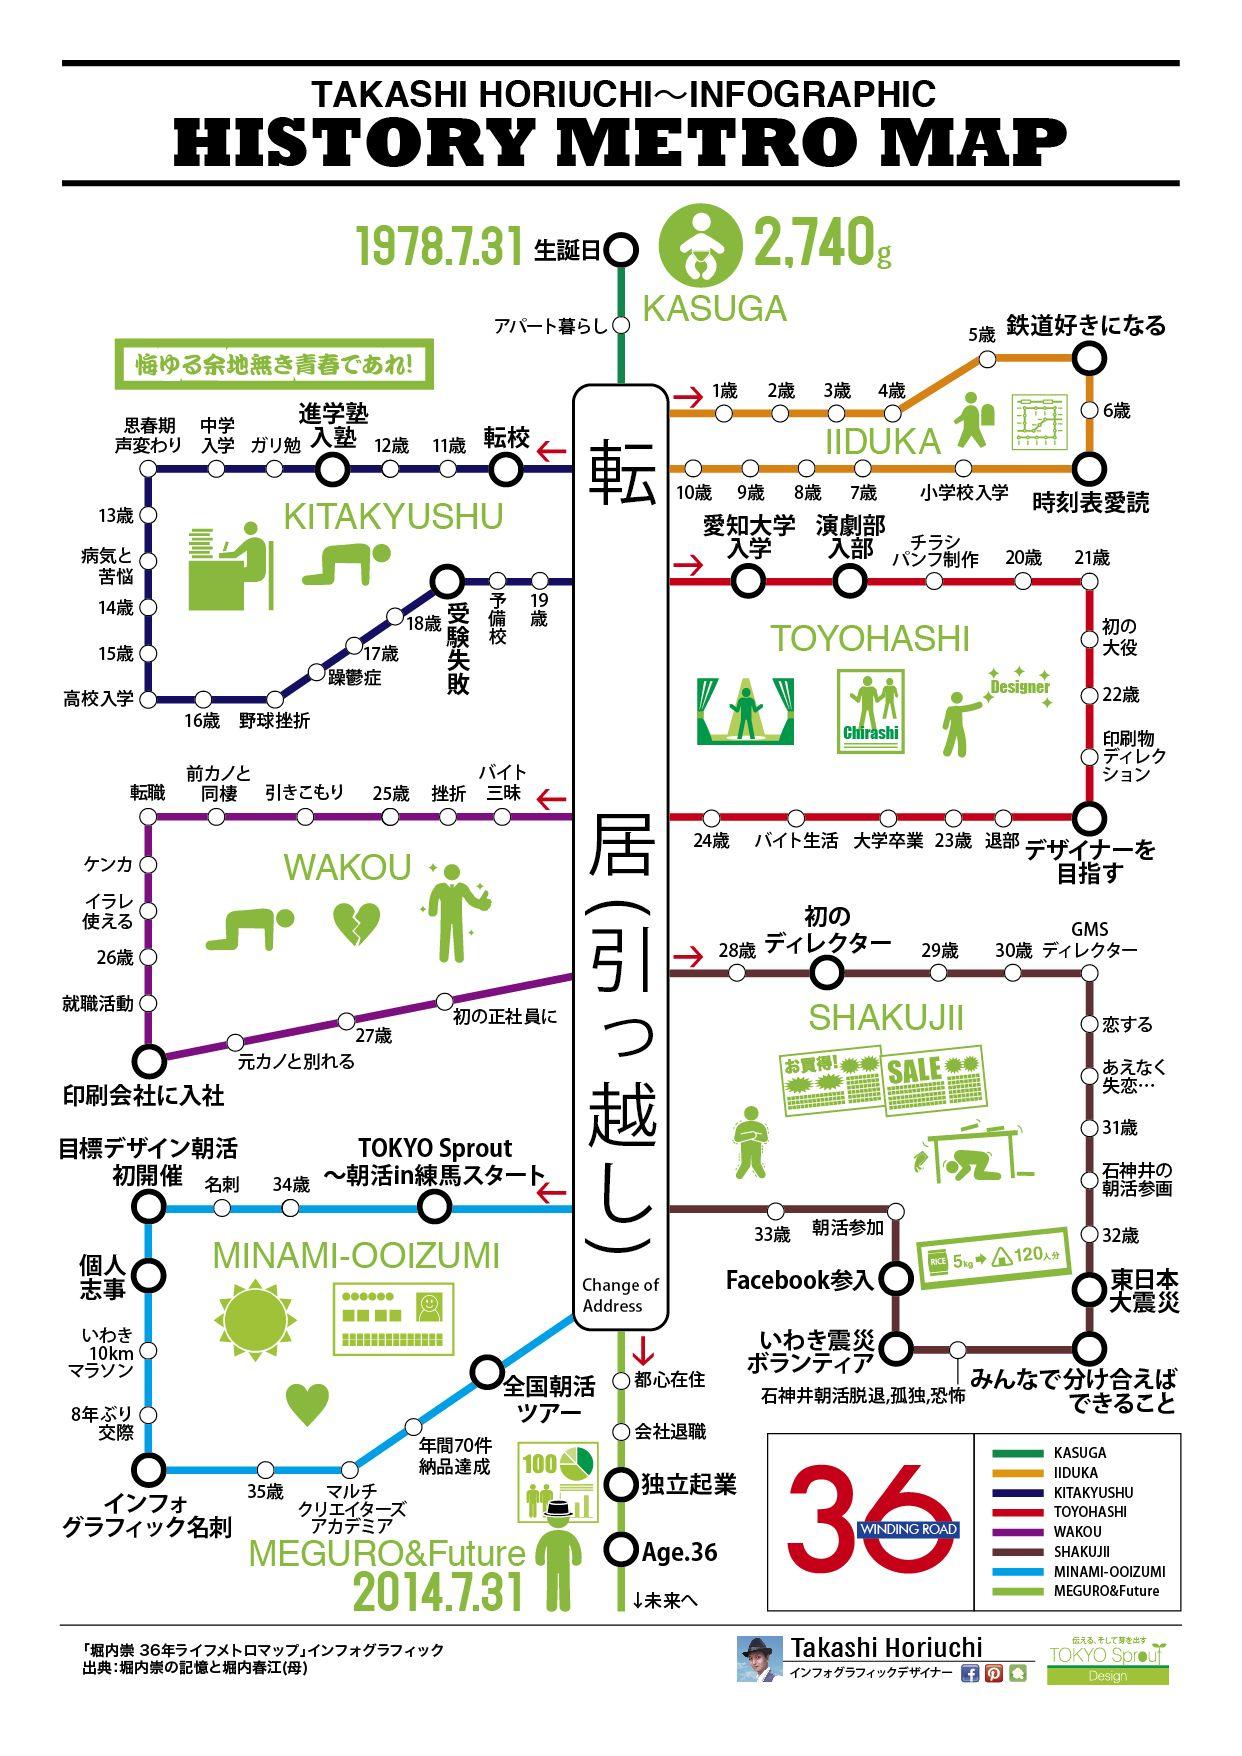 私の36年の歴史インフォグラフィック 地下鉄の路線図のように表現しました 地図 インフォグラフィック インフォグラフィックス